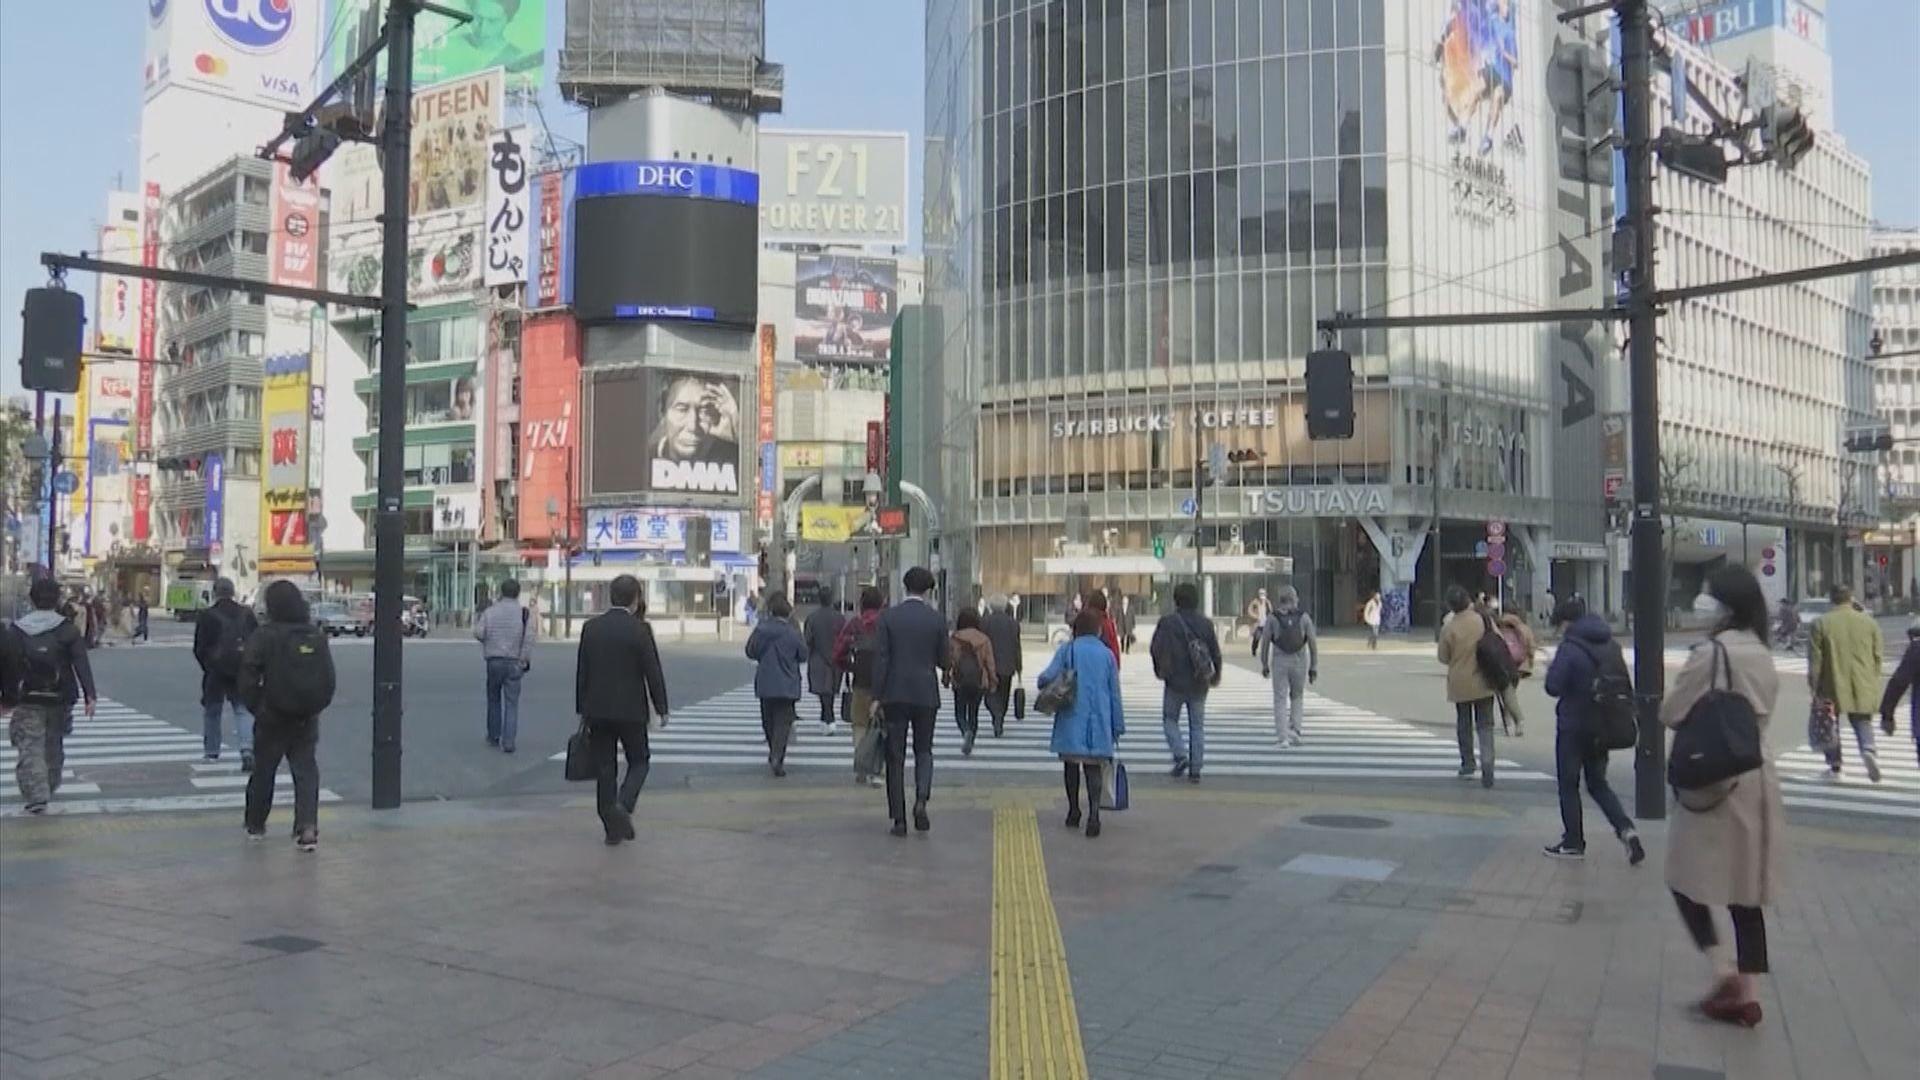 大阪等8個地區或本周內提早解禁 南韓分階段開始復課